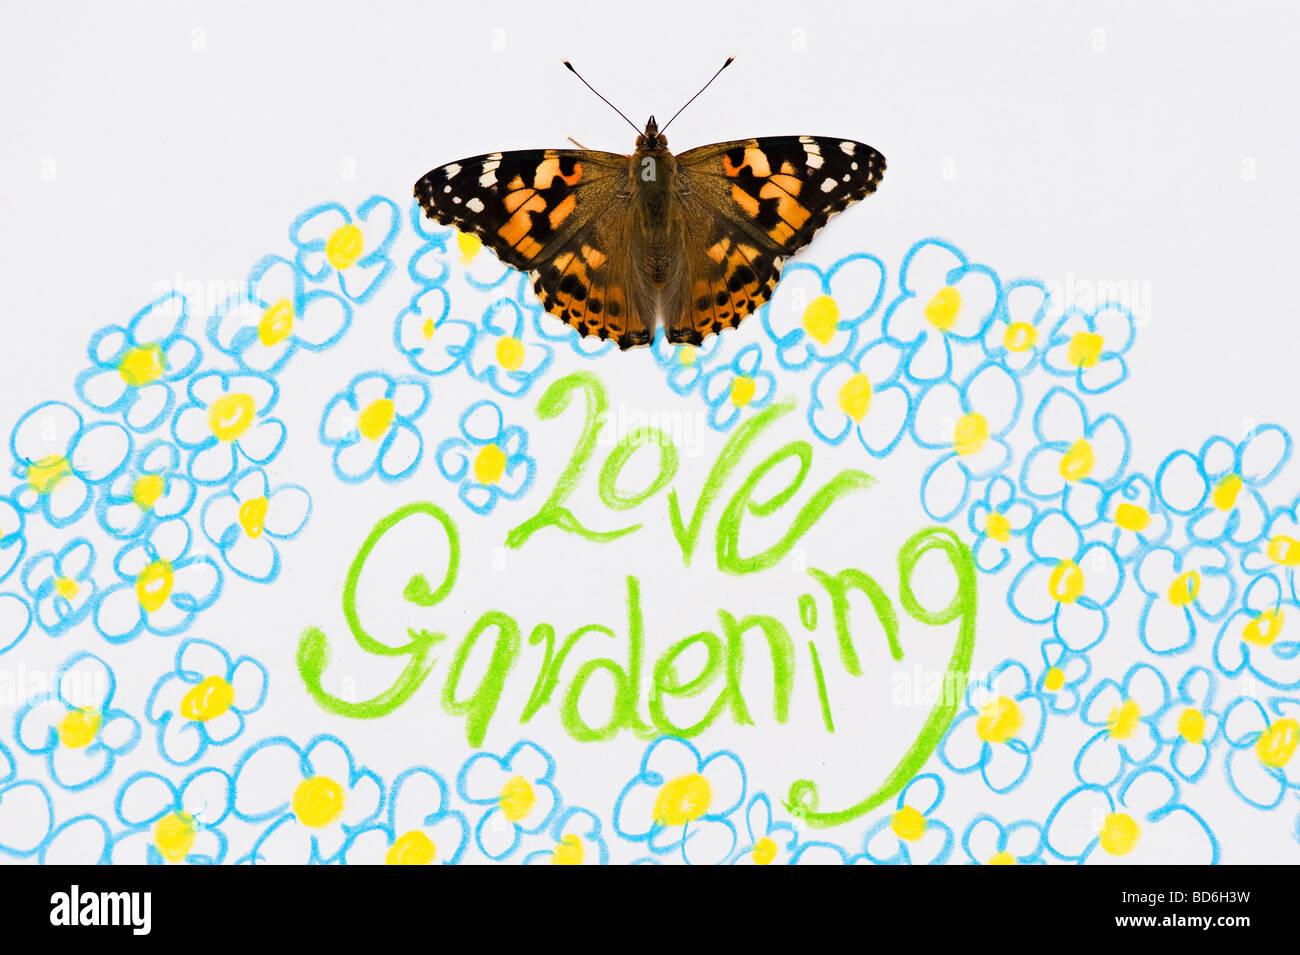 Distelfalter Schmetterling Auf Liebe Gartenarbeit Und Blumen